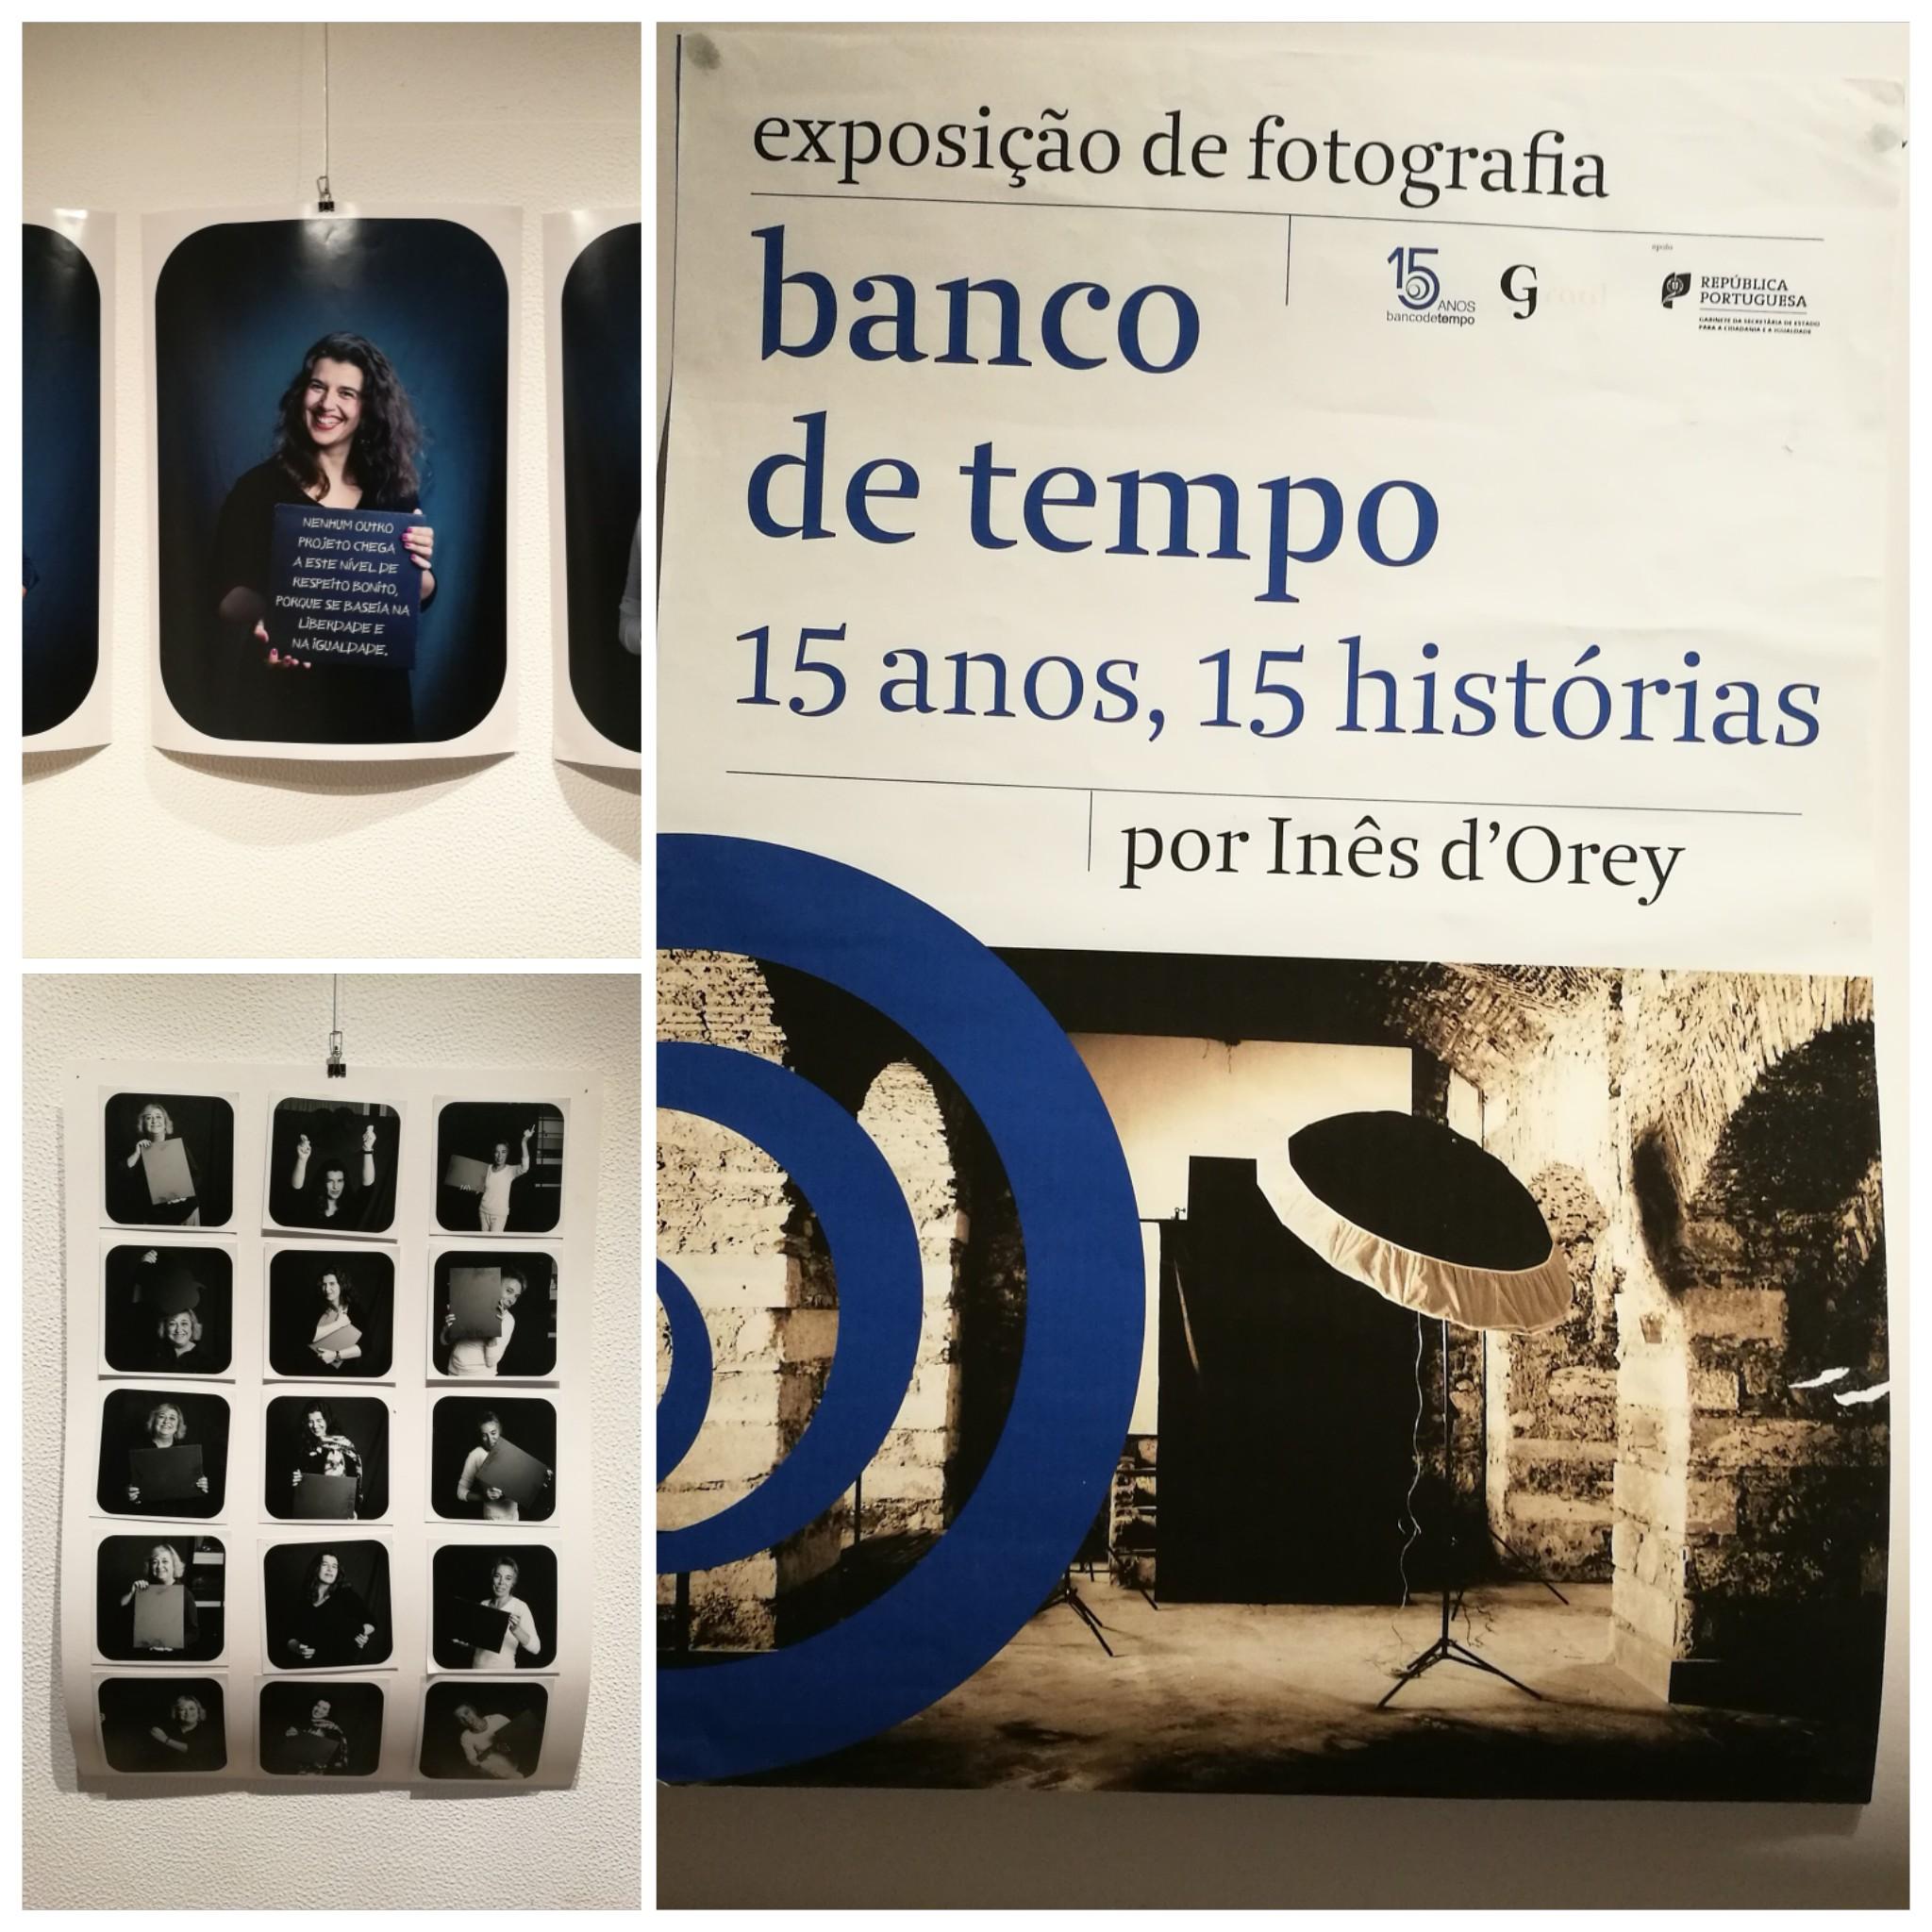 Exposição fotográfica 'banco de tempo, 15 anos, 15 histórias'